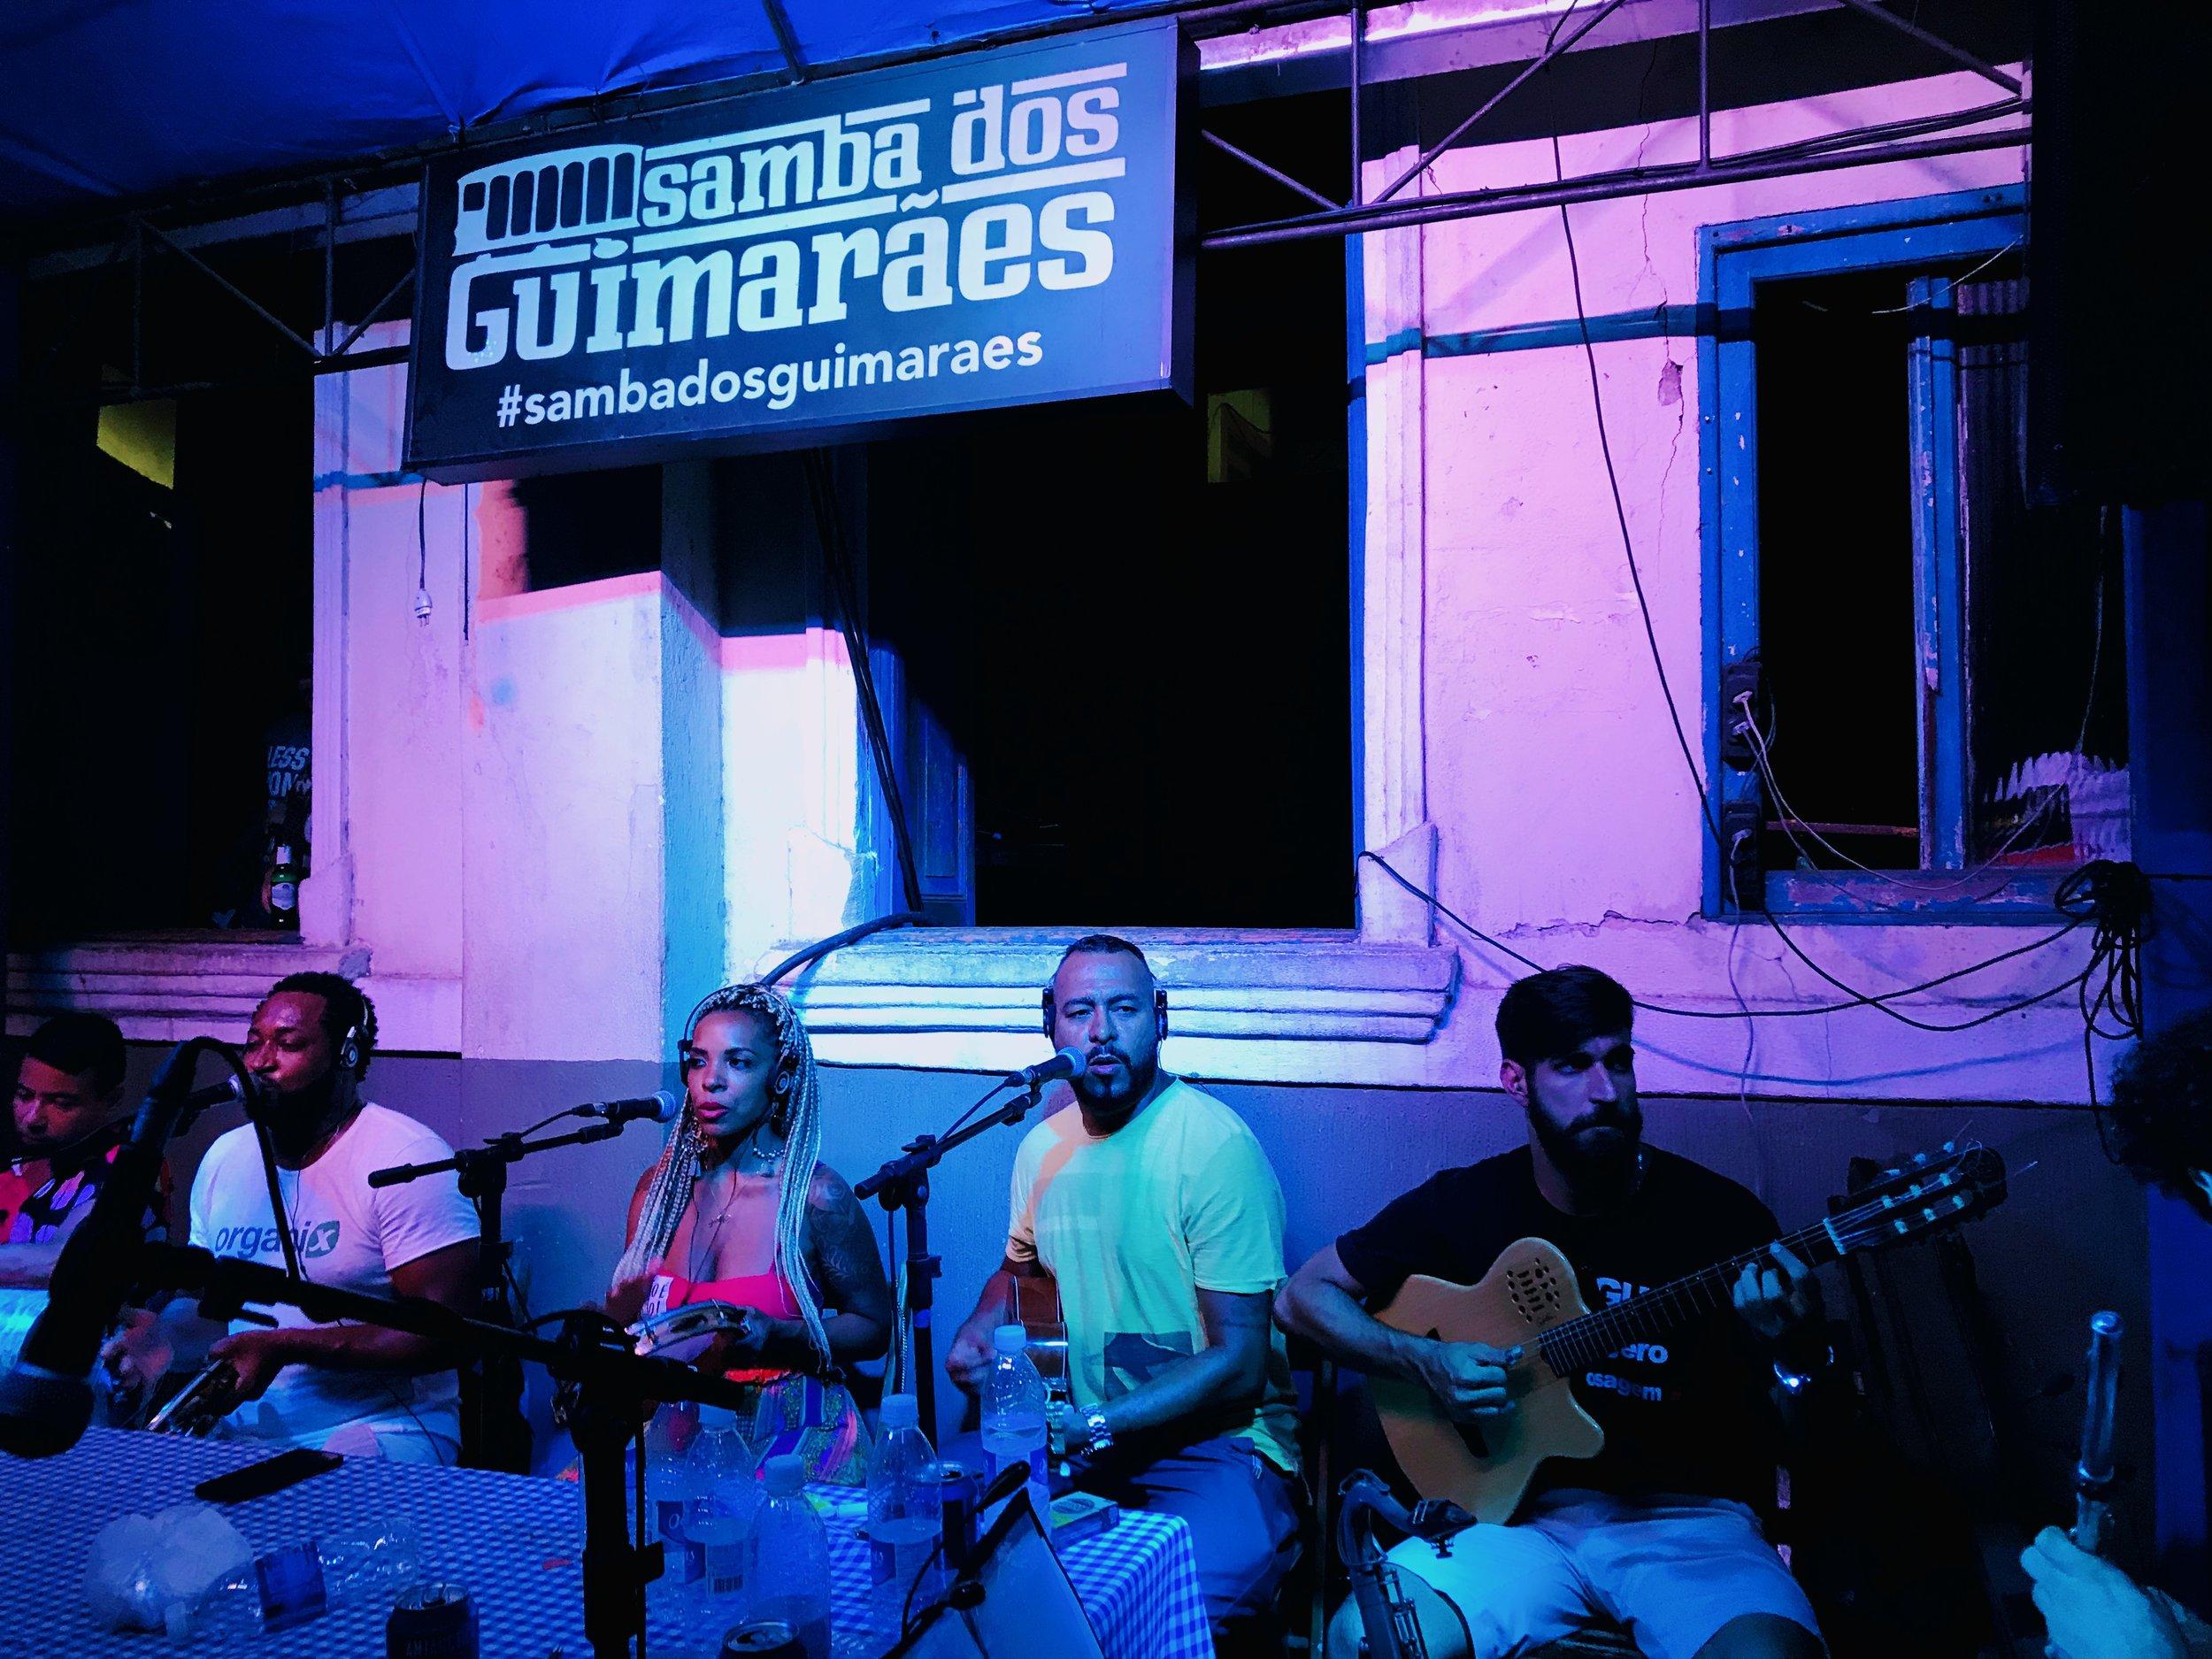 Samba dos Guimaraes